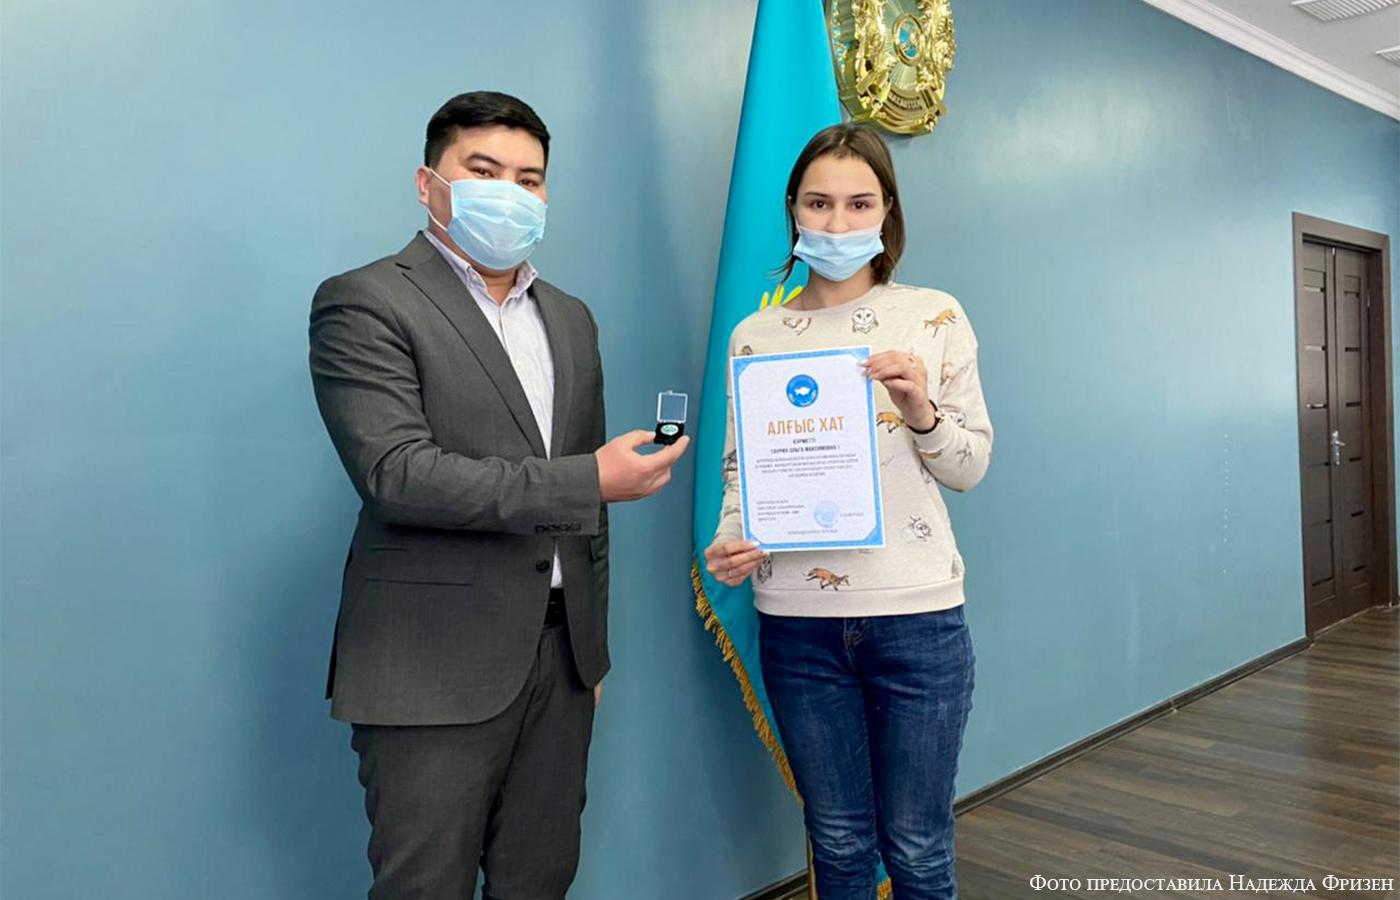 Активисты клуба немецкой молодежи удостоены наград